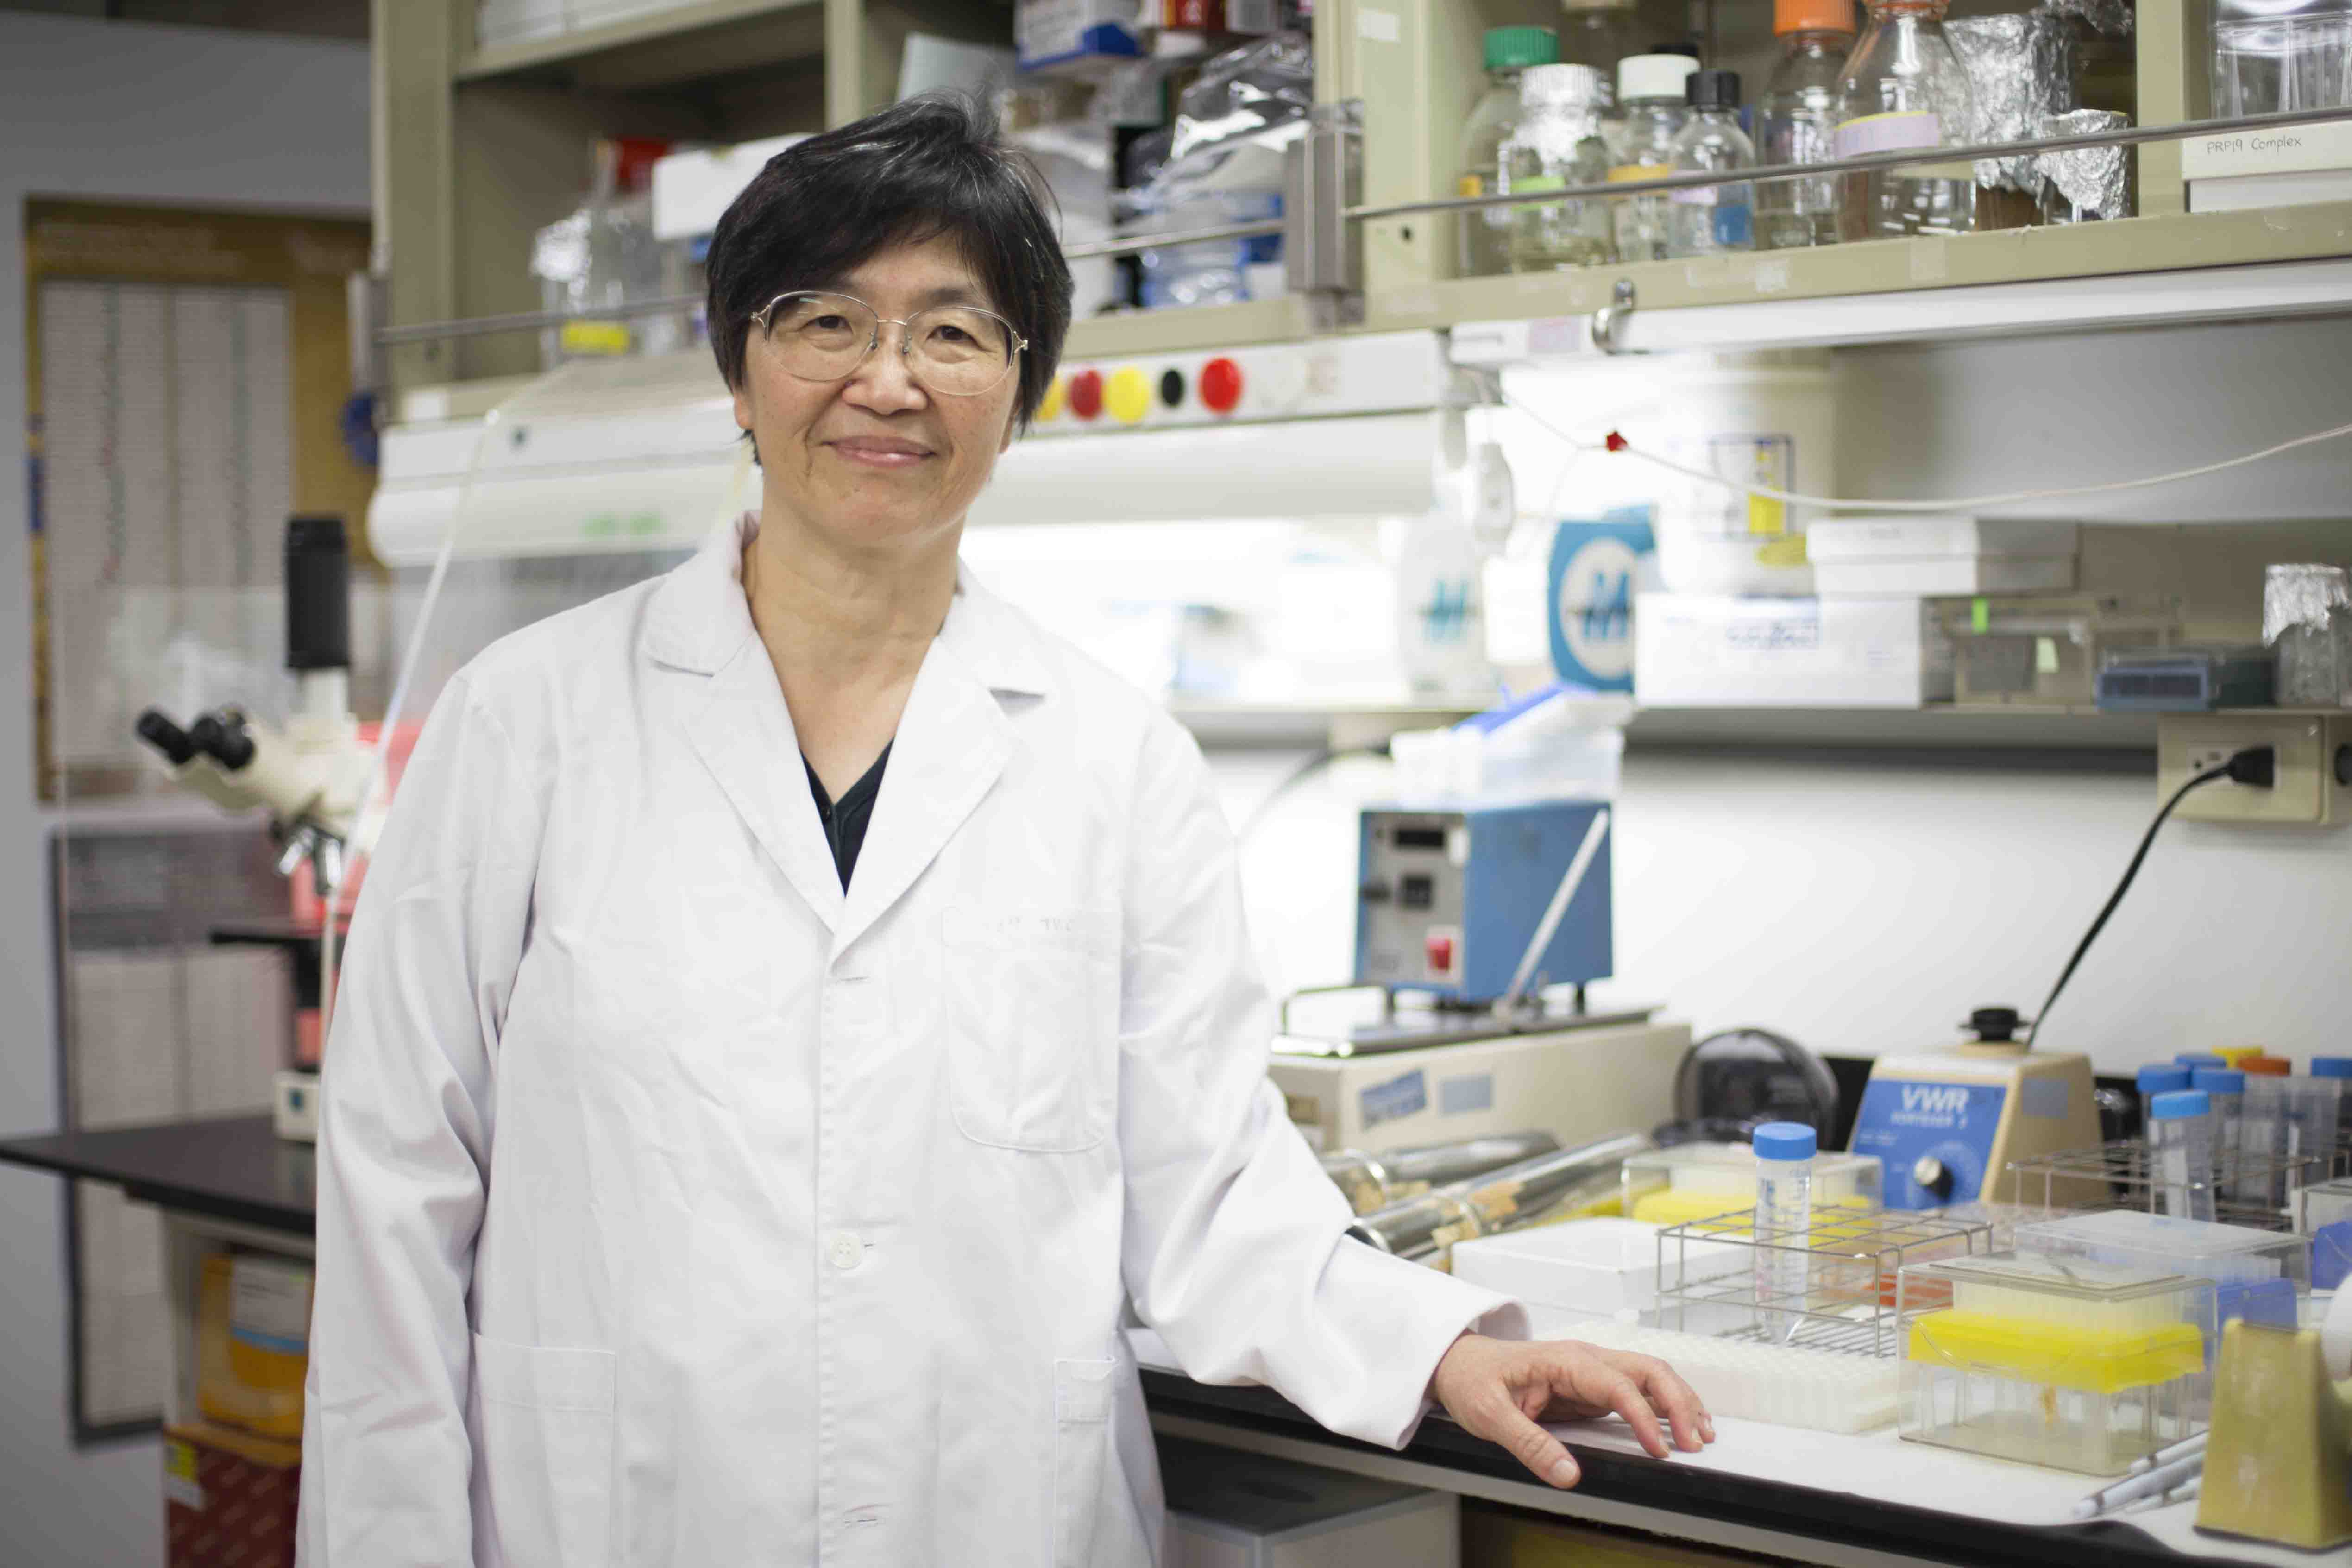 中研院分子生物研究所的鄭淑珍院士,與團隊透過實驗發現生物體內的「 RNA 剪接師團隊」。圖│研之有物